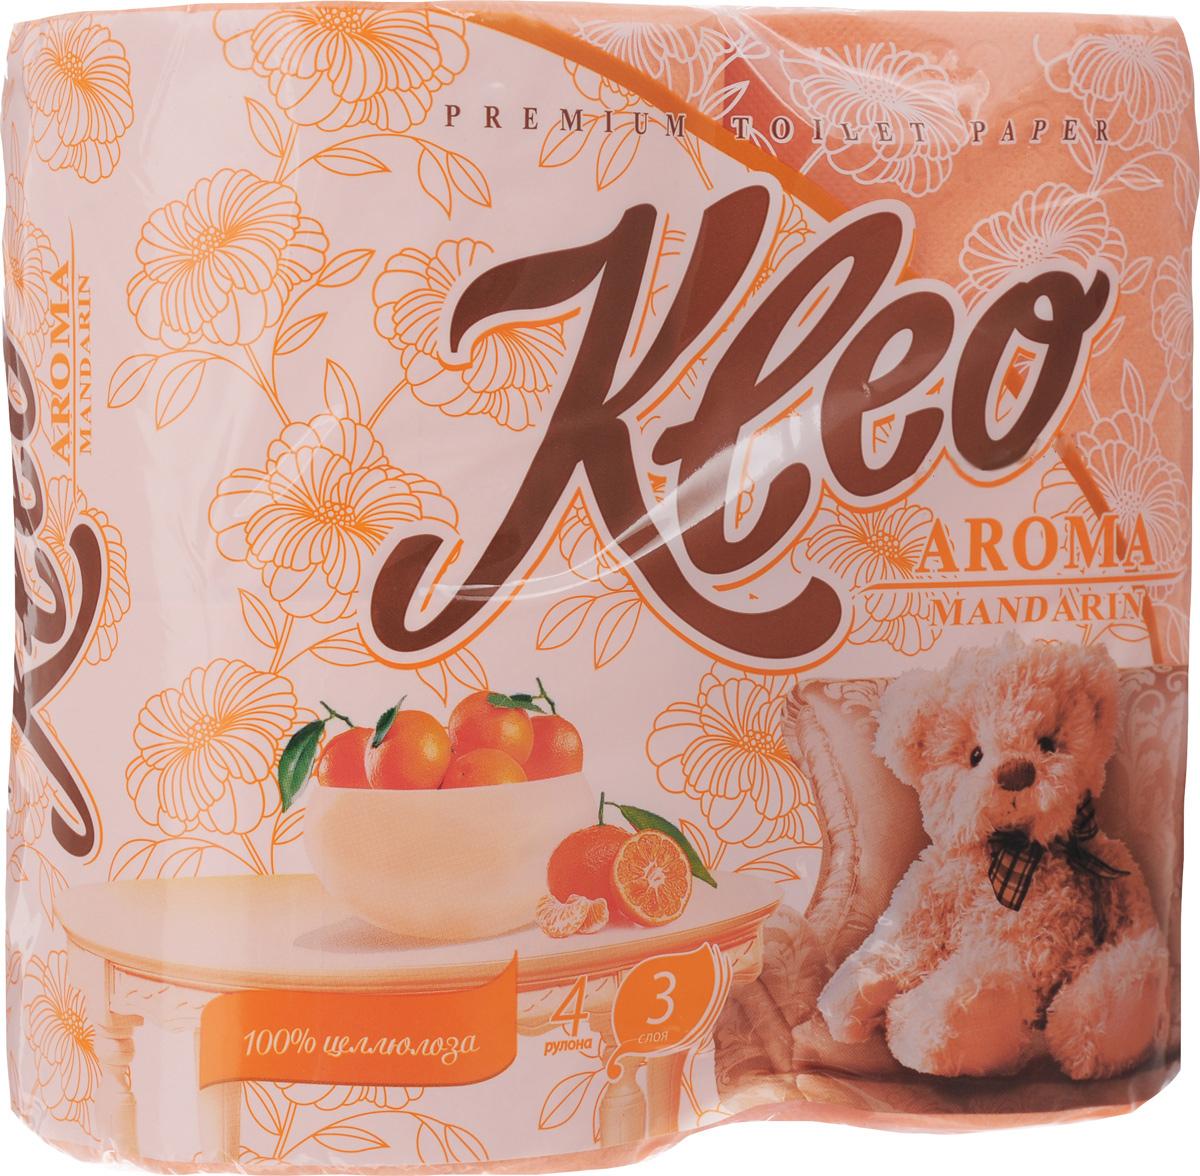 Туалетная бумагаKleo Aroma. Мандарин, ароматизированная, трехслойная, 4 рулона010-01199-23Ароматизированная туалетная бумага Kleo Aroma. Mandarin, выполненная из натуральной целлюлозы и обладает приятным ароматом цитруса. Трехслойная туалетная бумага мягкая, нежная, но в тоже время прочная, с отрывом по линии перфорации. Листы имеют рисунок с тиснением.Количество листов: 168 шт. Количество слоев: 3.Размер листа: 12,5 х 9,6 см. Состав: 100% целлюлоза.